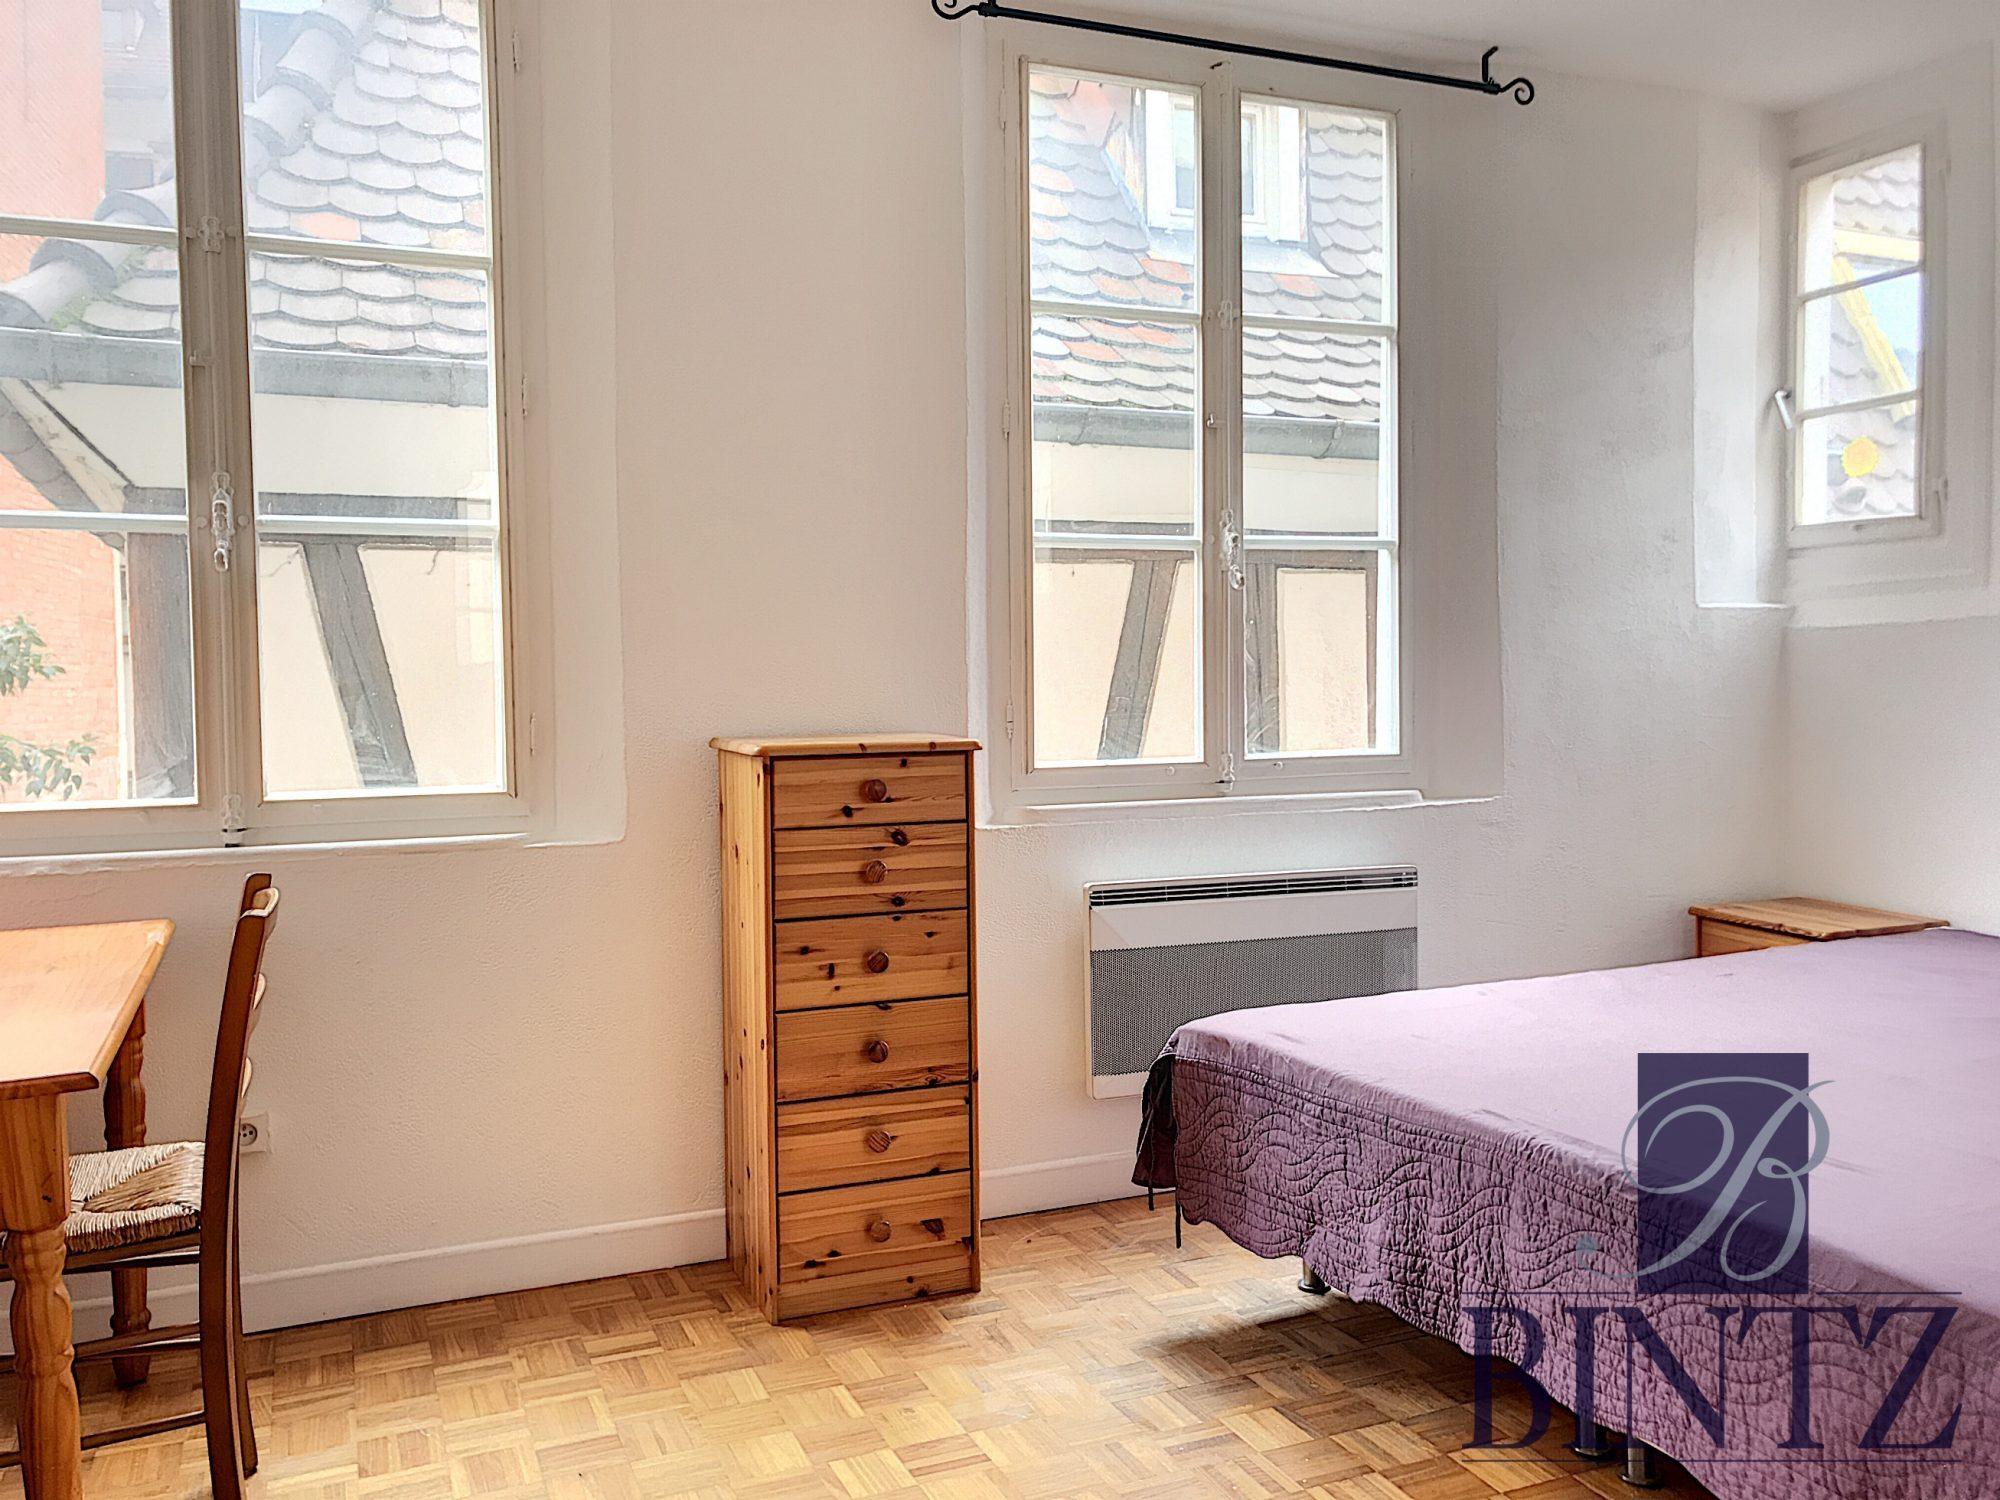 2 PIÈCES MEUBLÉ HYPER CENTRE - Devenez locataire en toute sérénité - Bintz Immobilier - 4